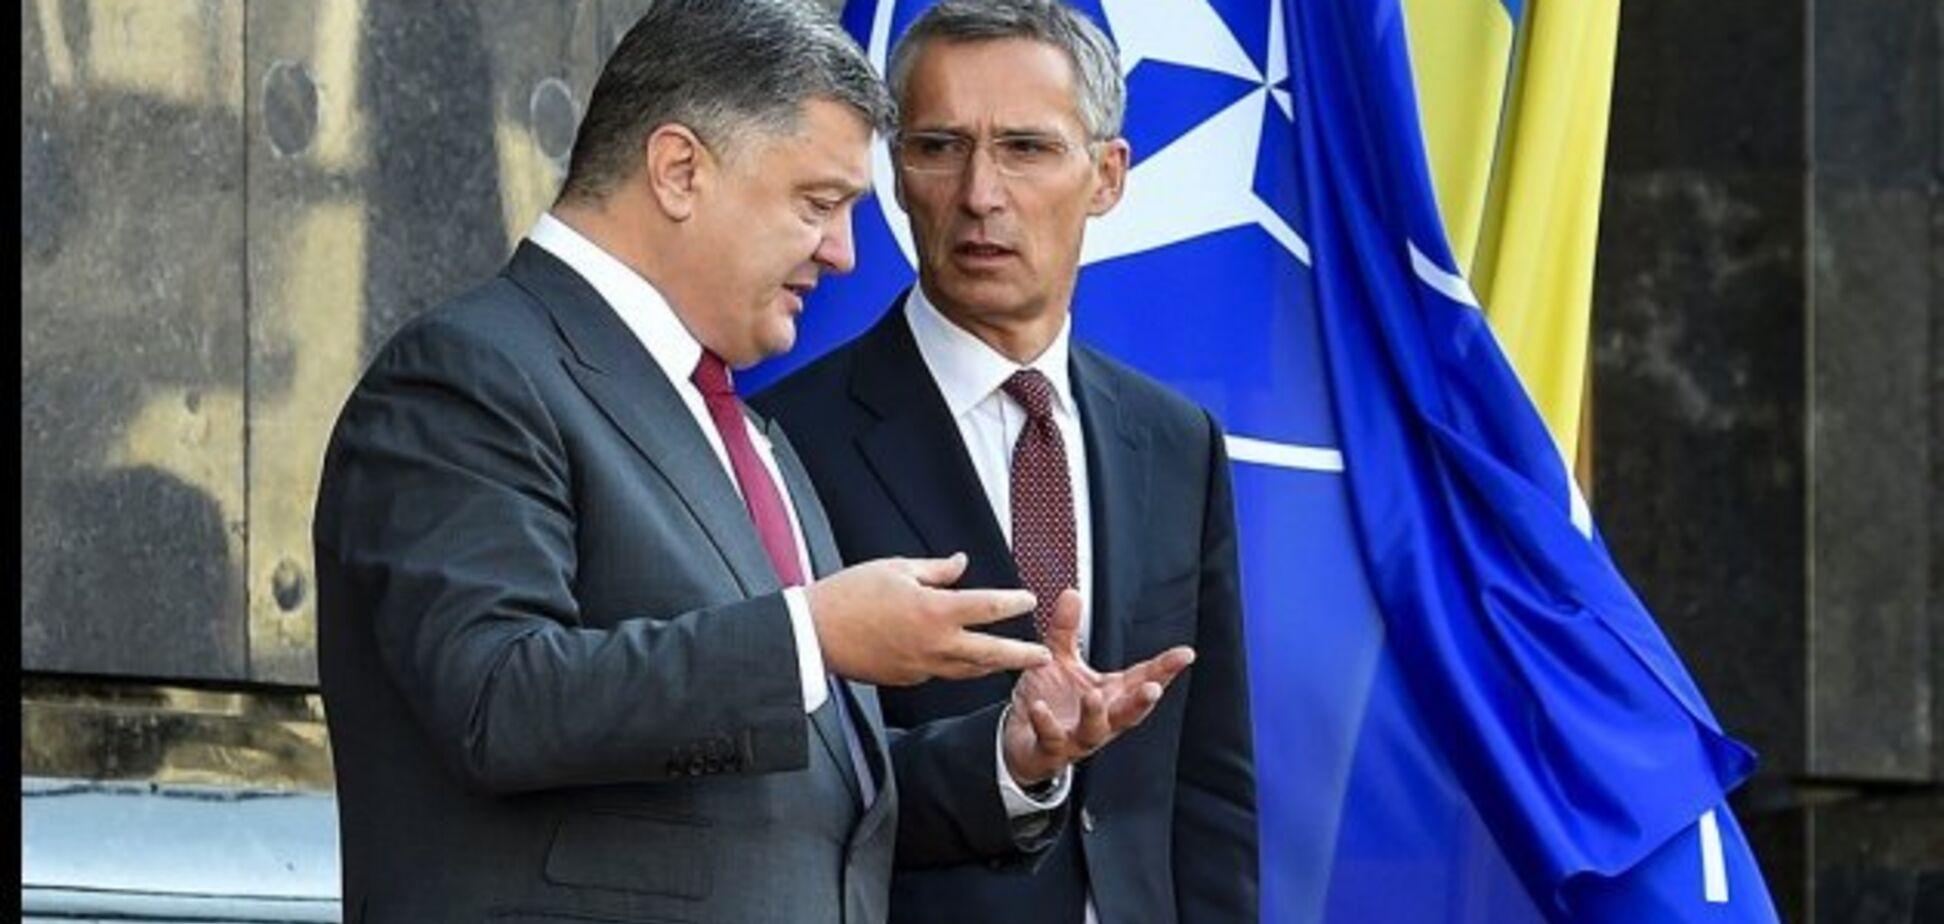 Генсек НАТО Столтенберг отметил реформы Порошенко для членства Украины в Альянсе